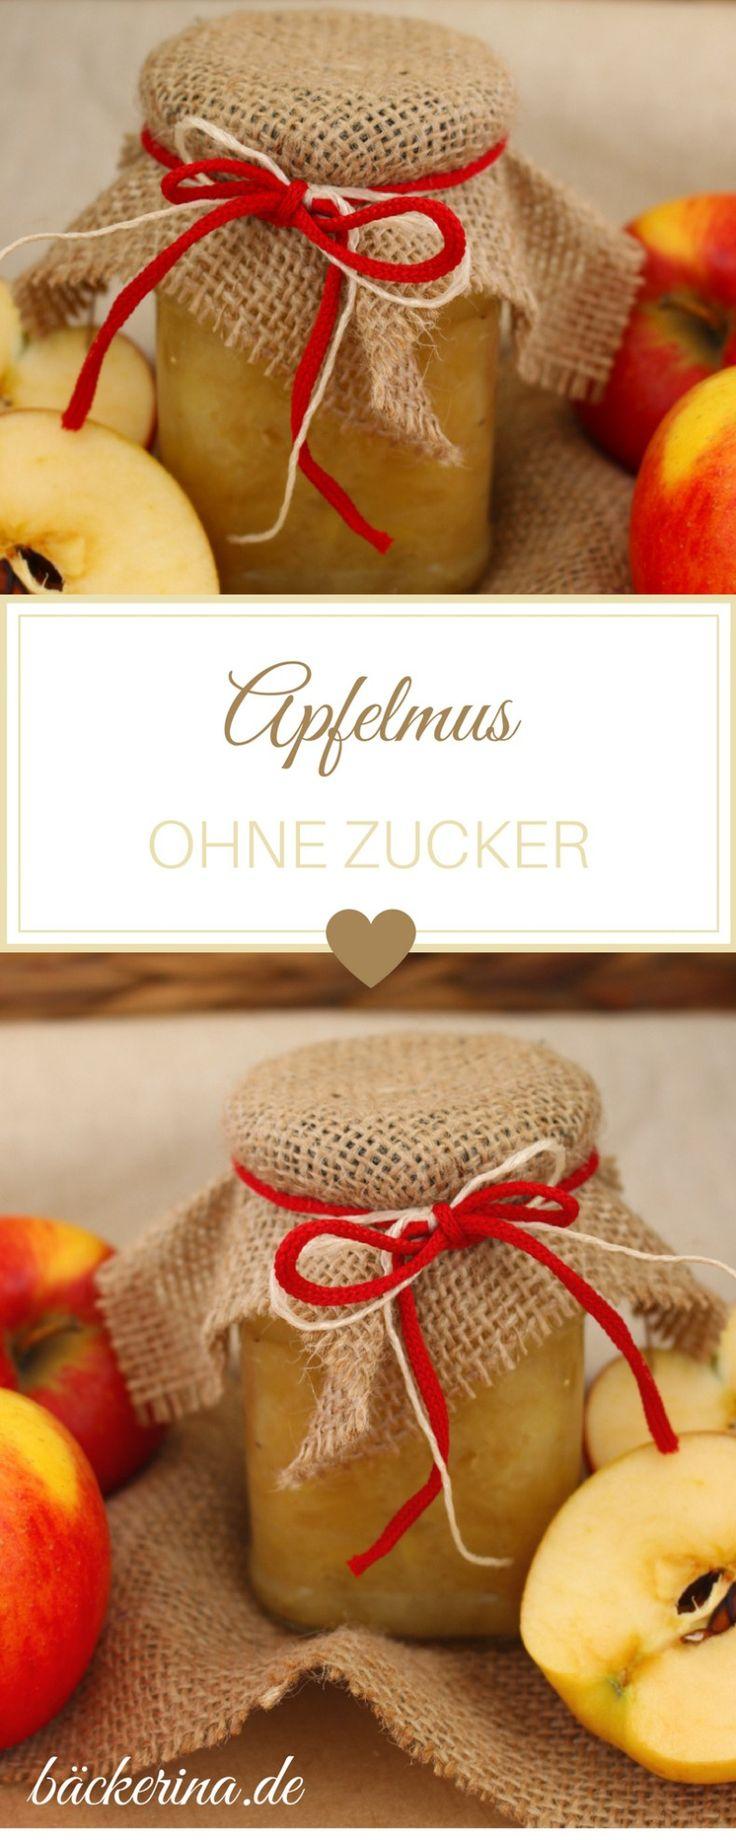 Apfelmus selbst machen ist eine gesunde Alternative. Mit diesem Rezept für selbstgemachtes Apfelmus ohne Zucker! || bäckerina.de